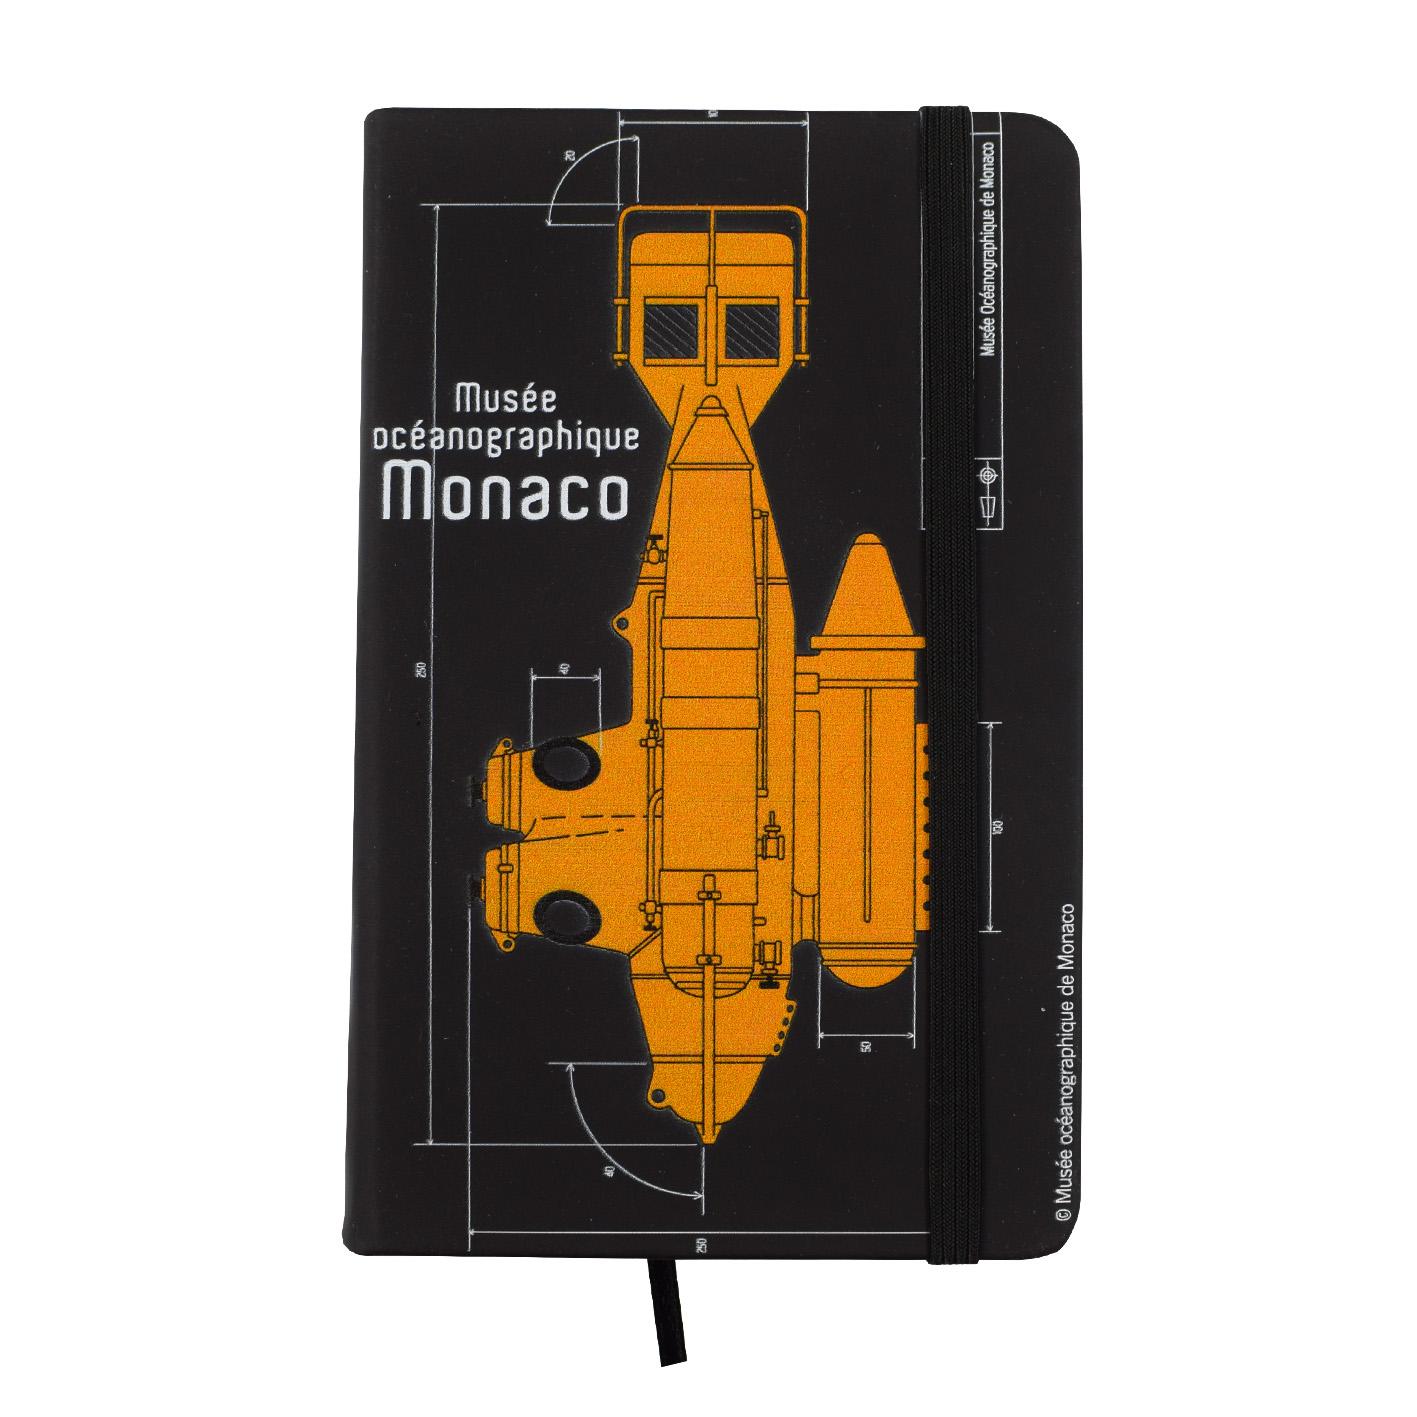 Agenda personalizzata con sottomarino del Museo Oceanografico di Monaco